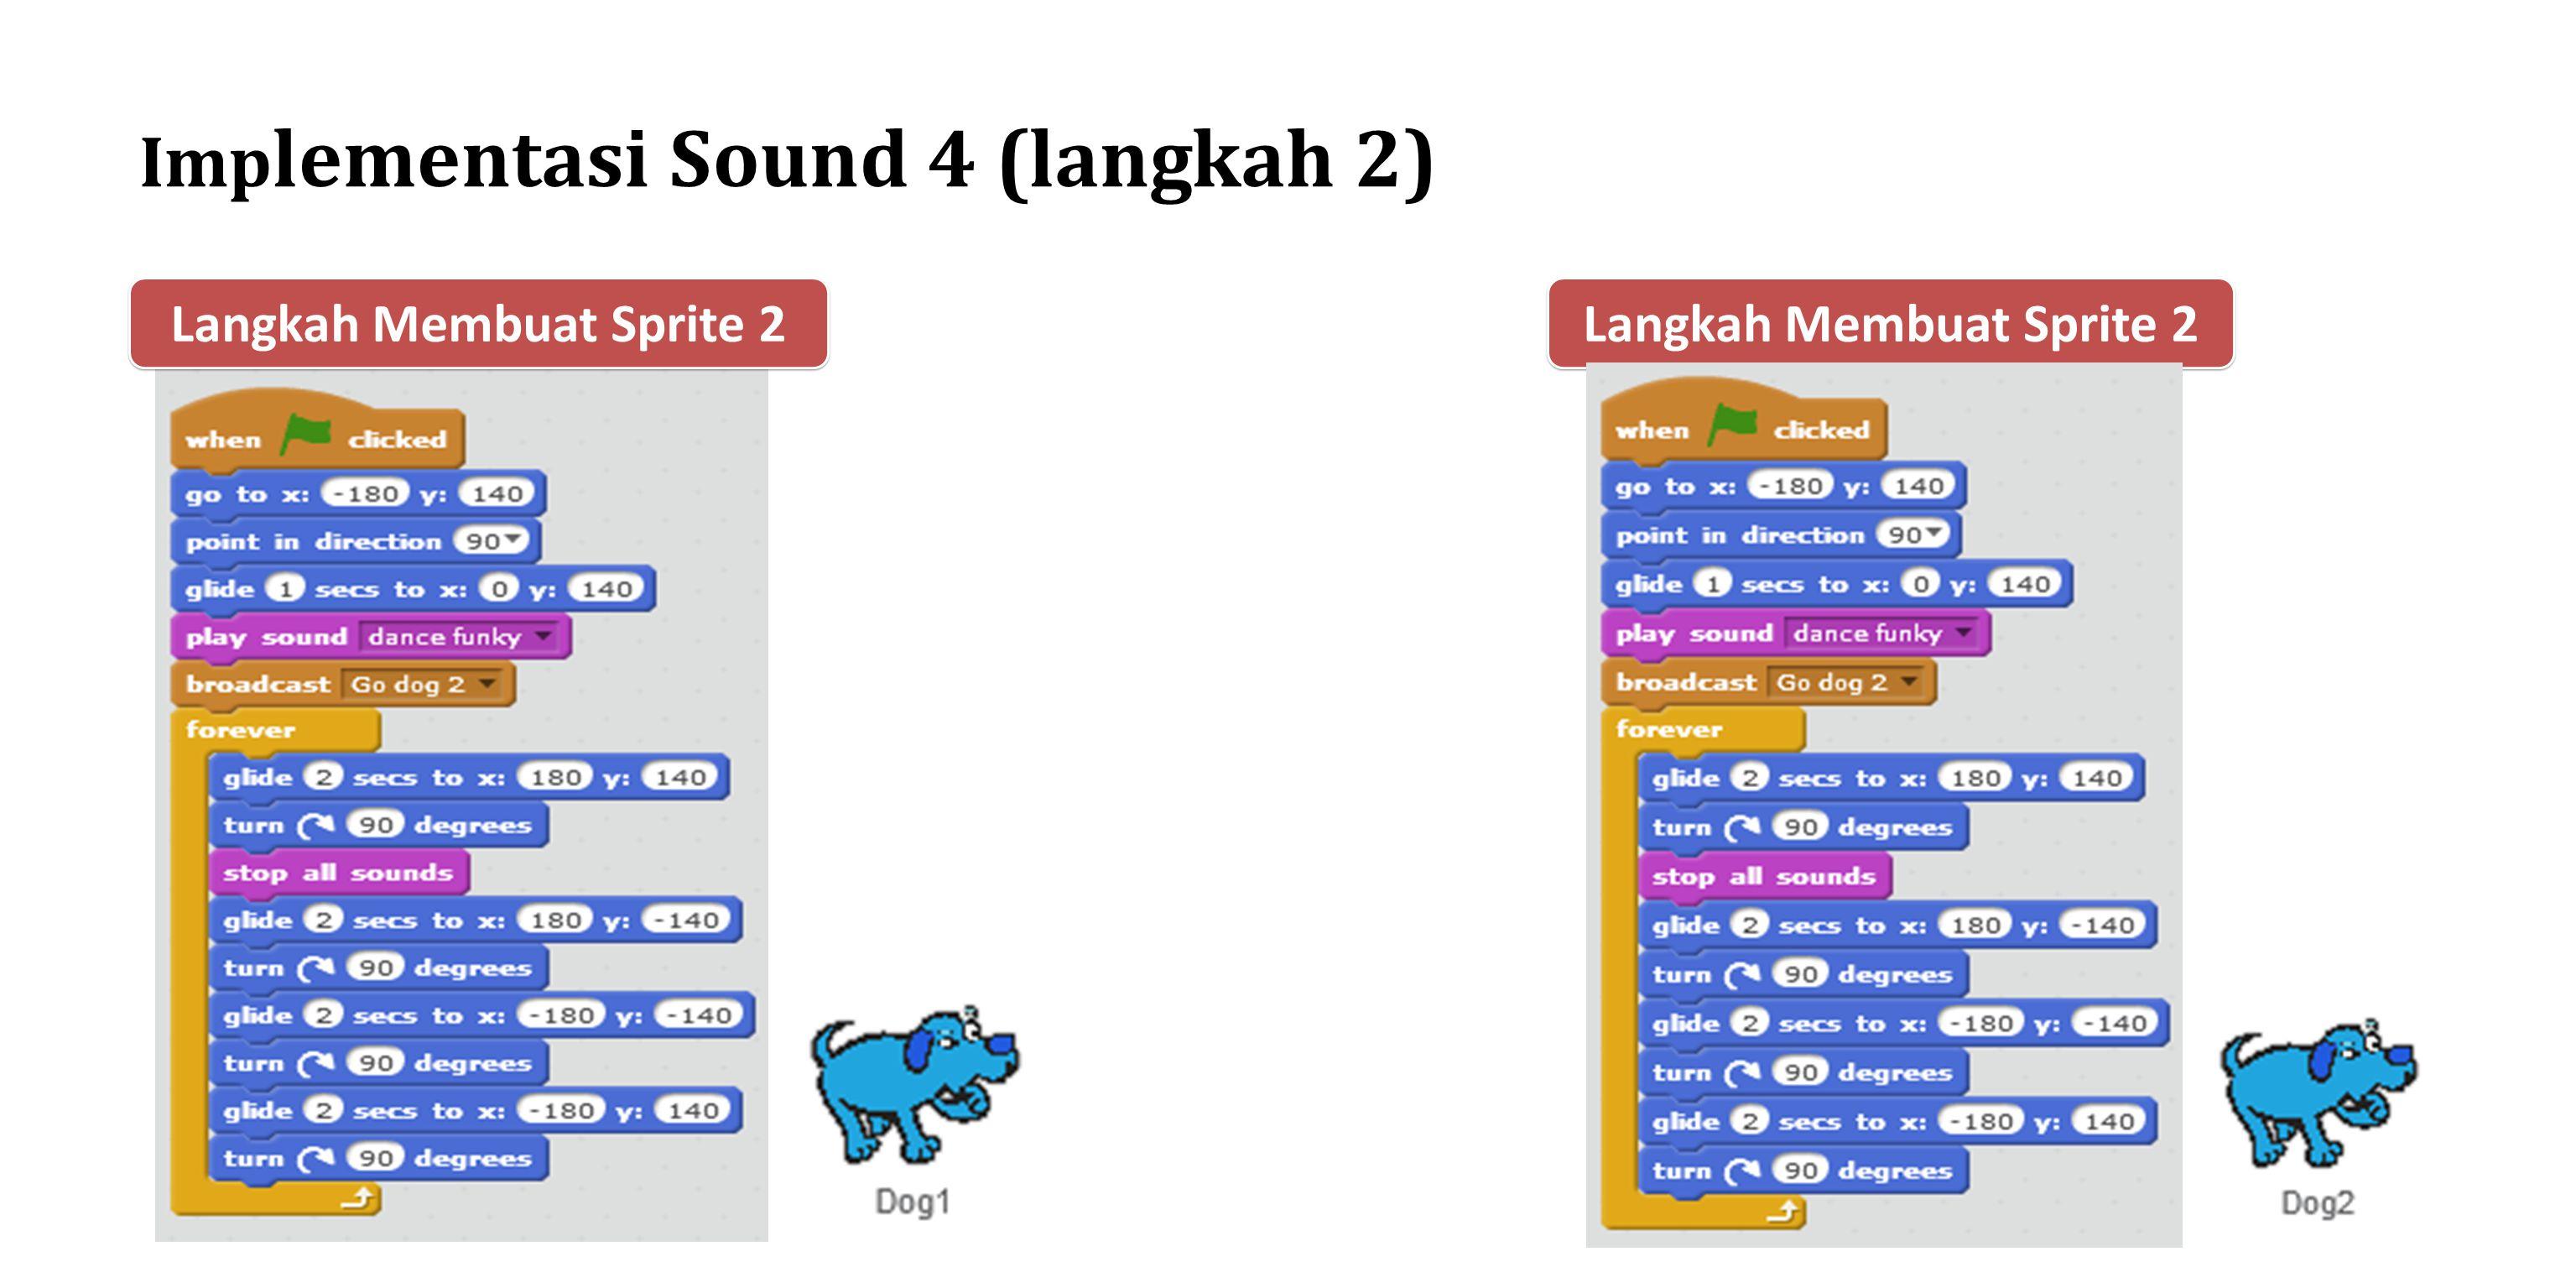 Implementasi Sound 4 (langkah 2)